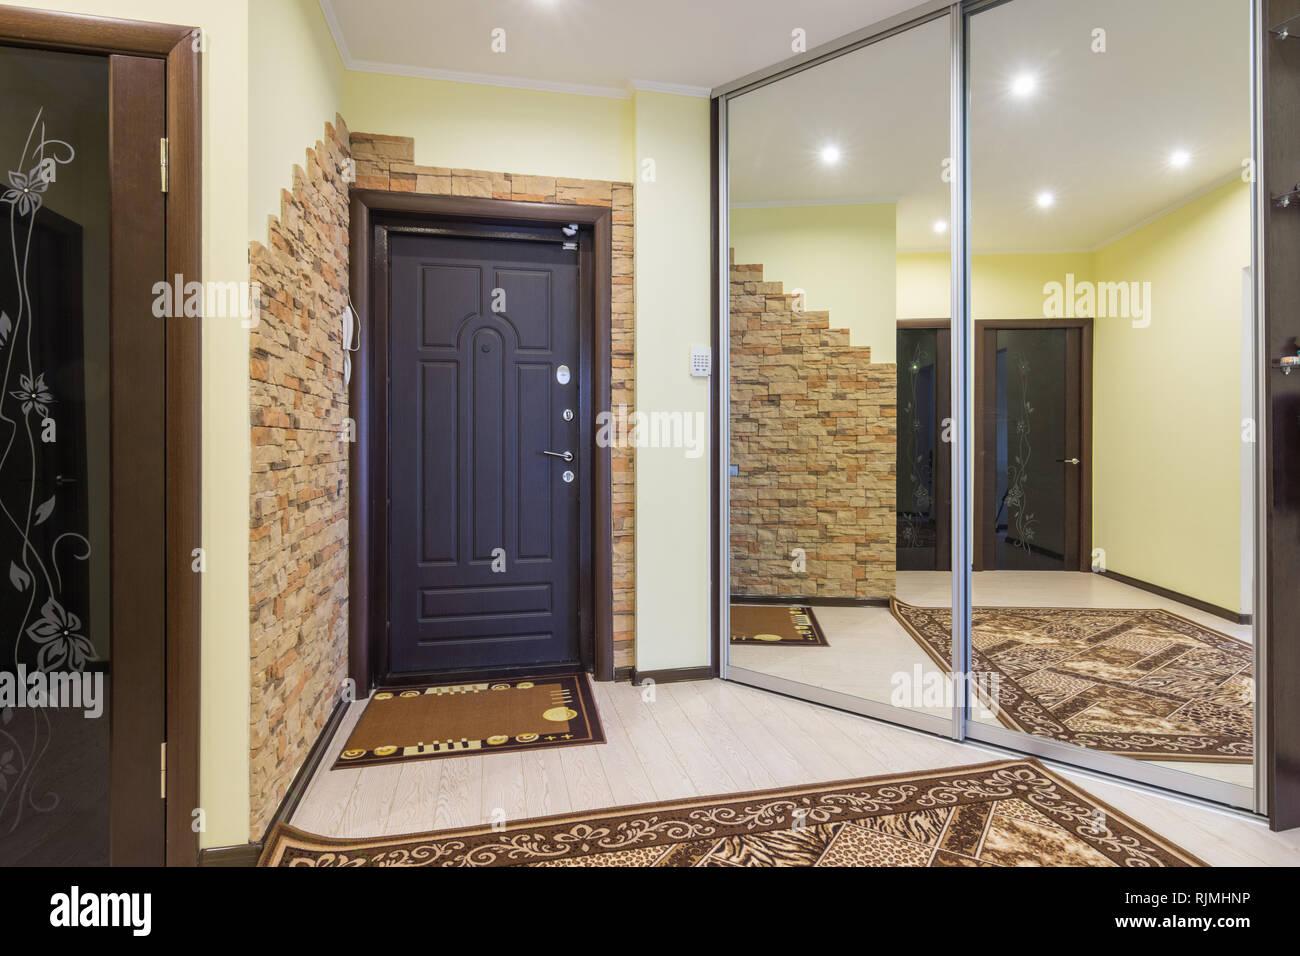 Armadio A Muro Con Specchio.Spaziosa Sala D Ingresso Nell Appartamento Con Armadio A Muro E